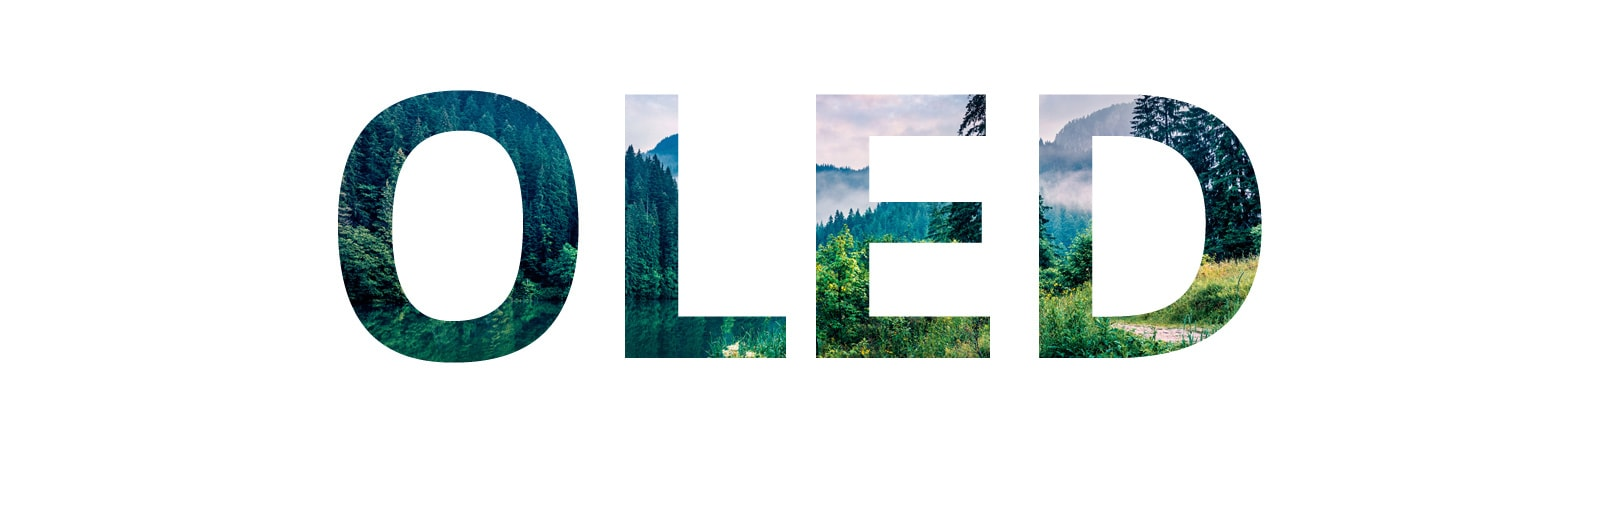 填滿「OLED」的大自然圖像從右側滑入(播放影片)